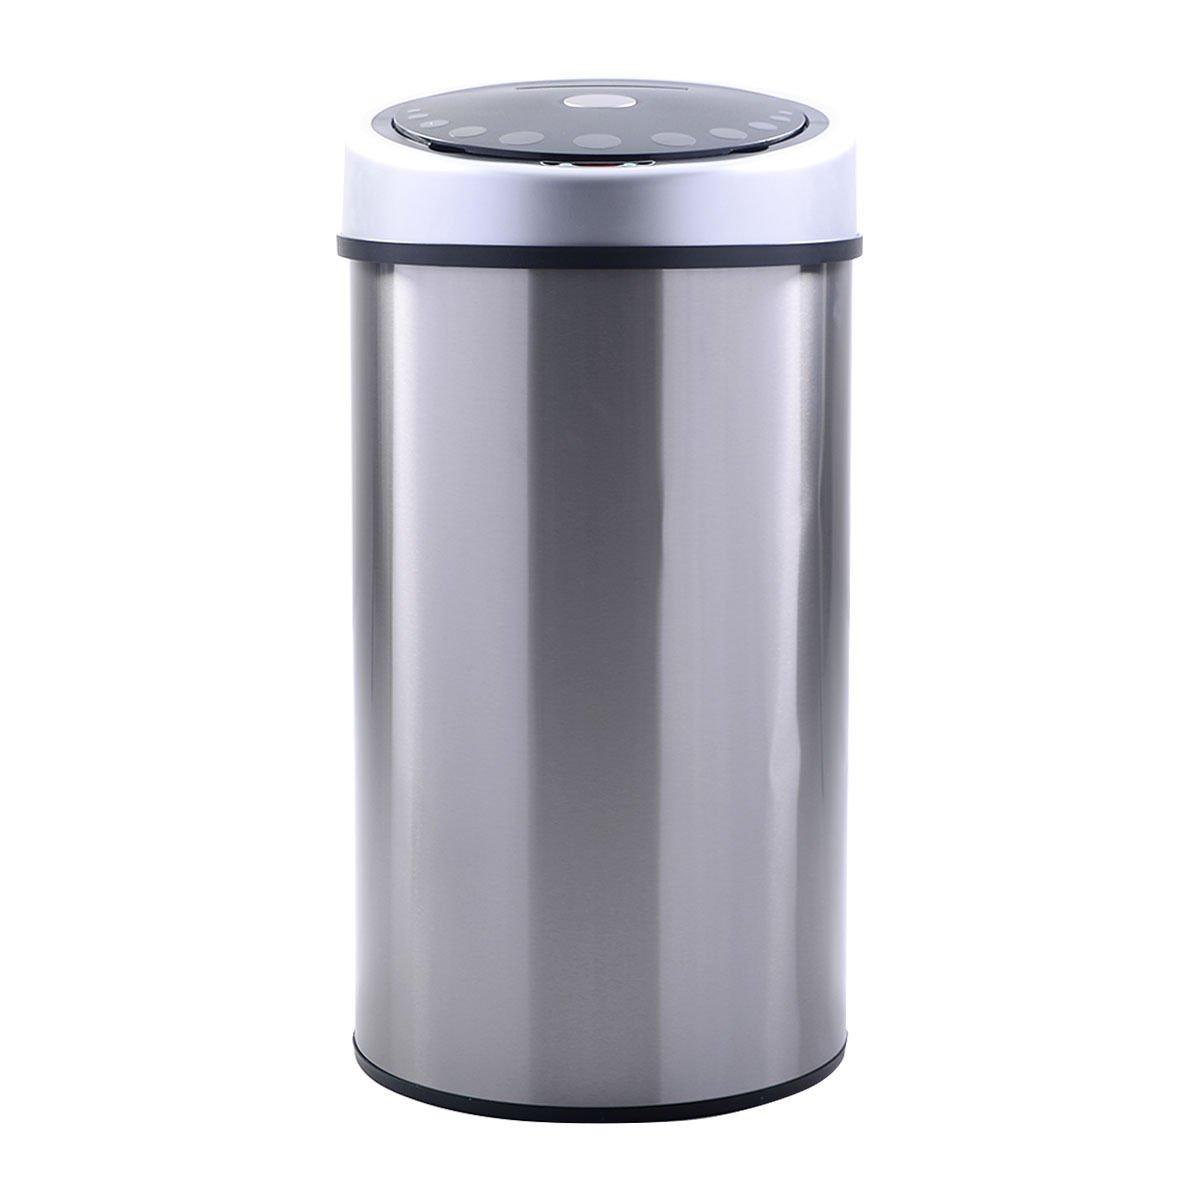 11 Best Coolest Trash Cans Unique Modern Minimalist